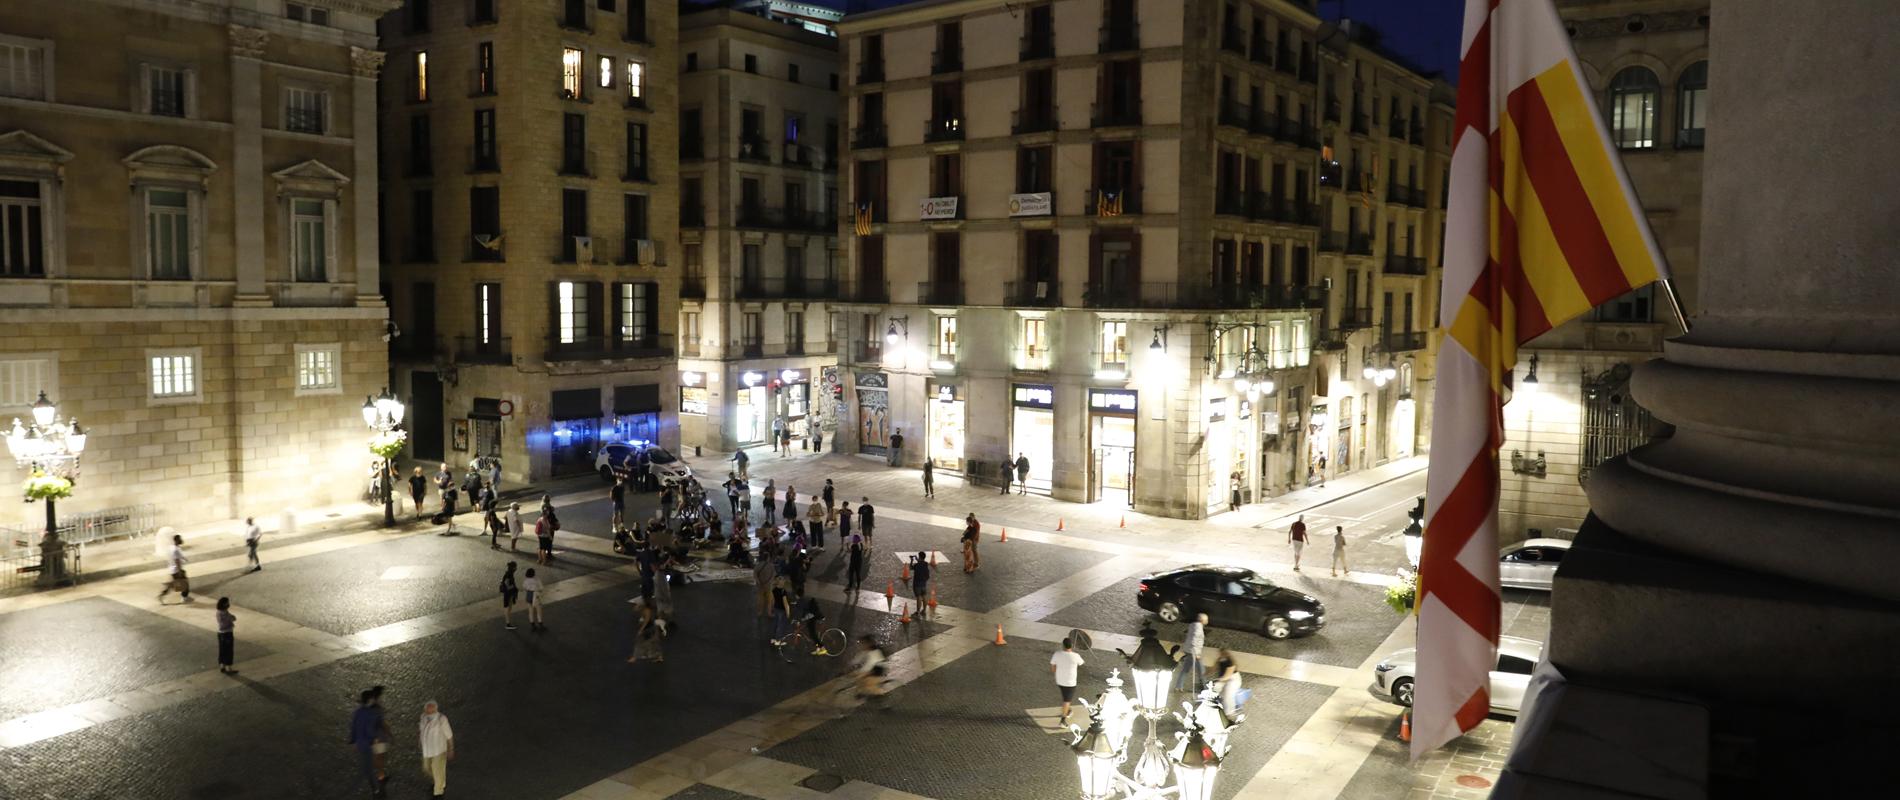 La plaza Sant Jaume, durante el pregón que da el inicio de las fiestas este año